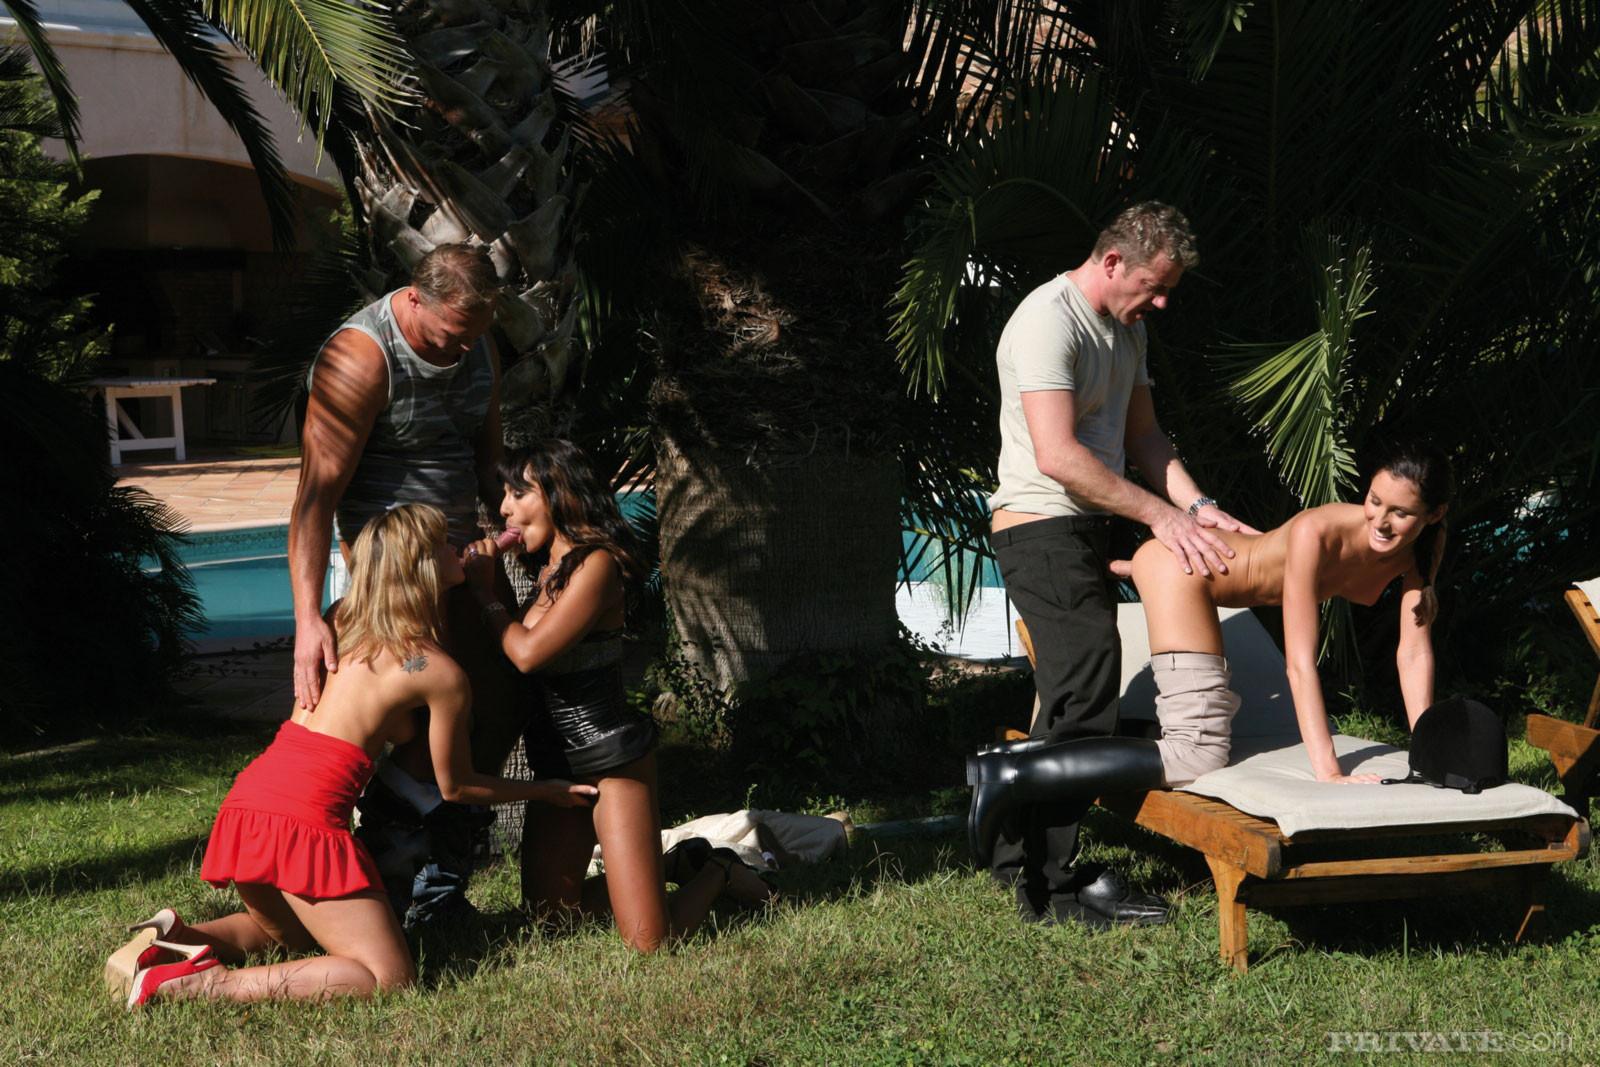 В групповом сексе принимают участие несколько парочек - все они готовы на жаркие эксперименты